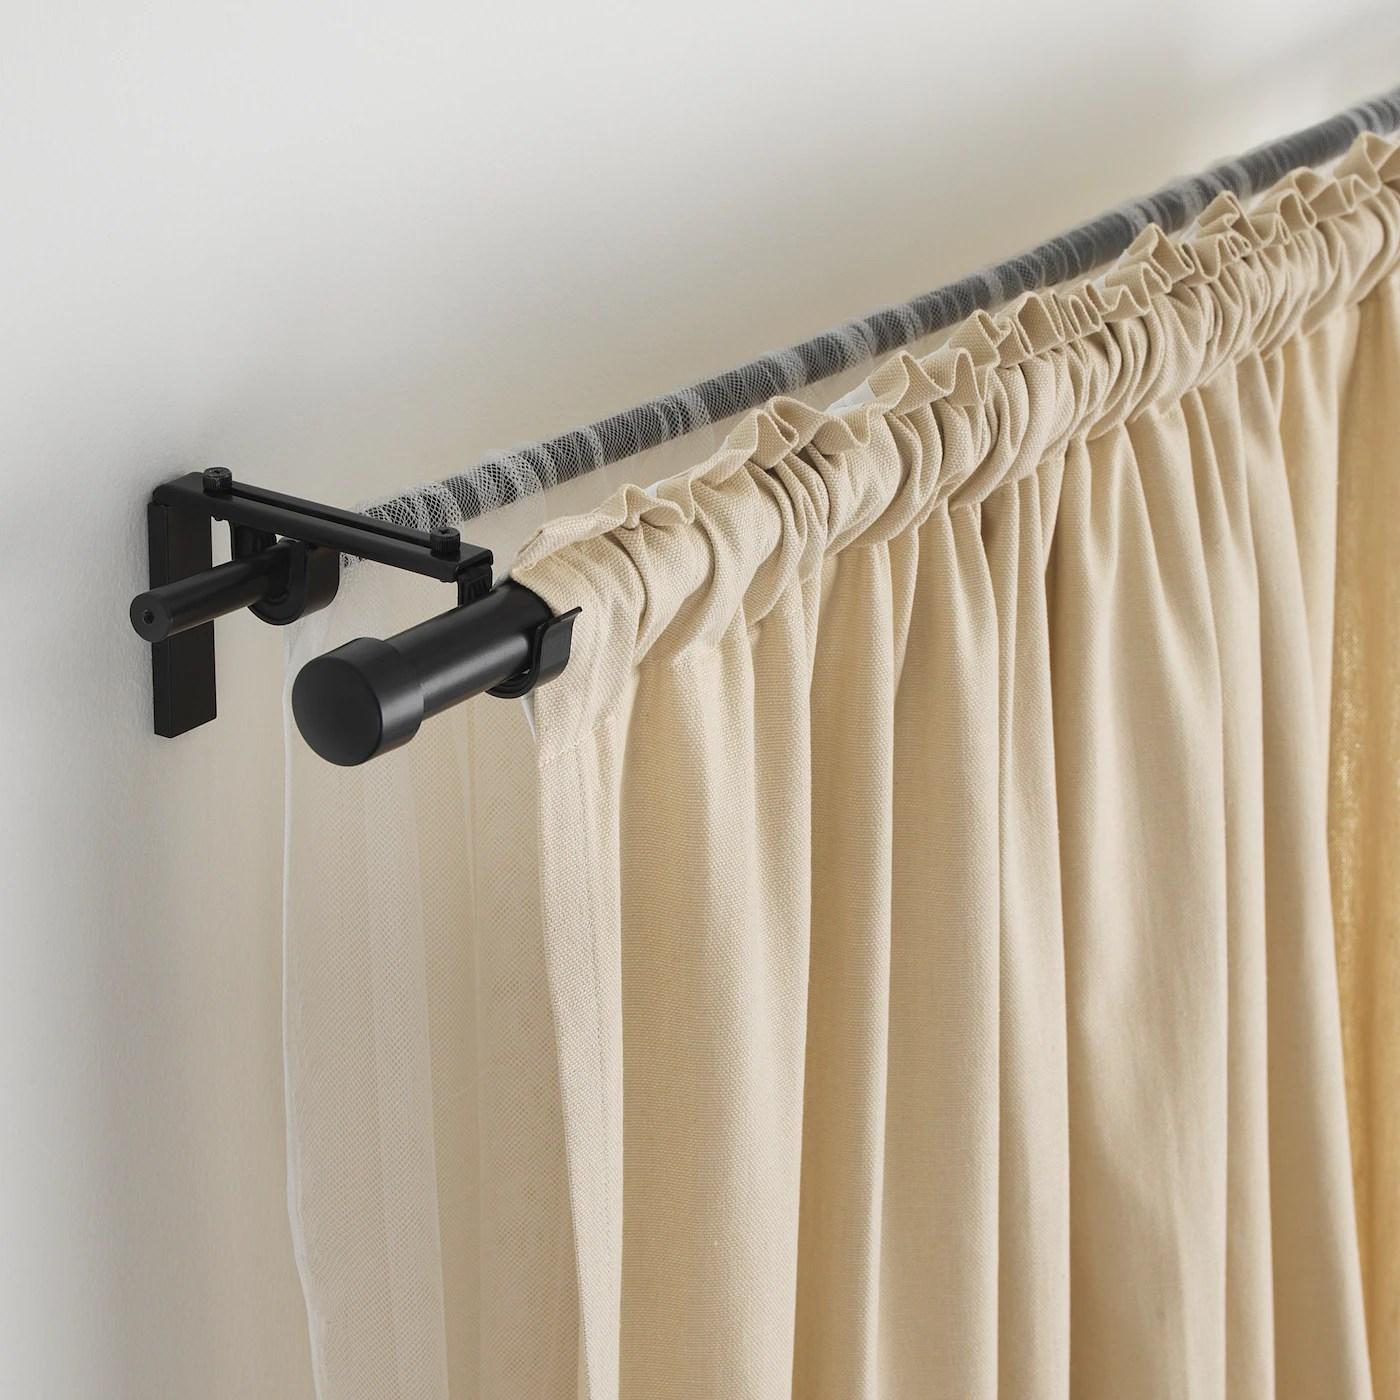 hugad curtain rod black 47 83